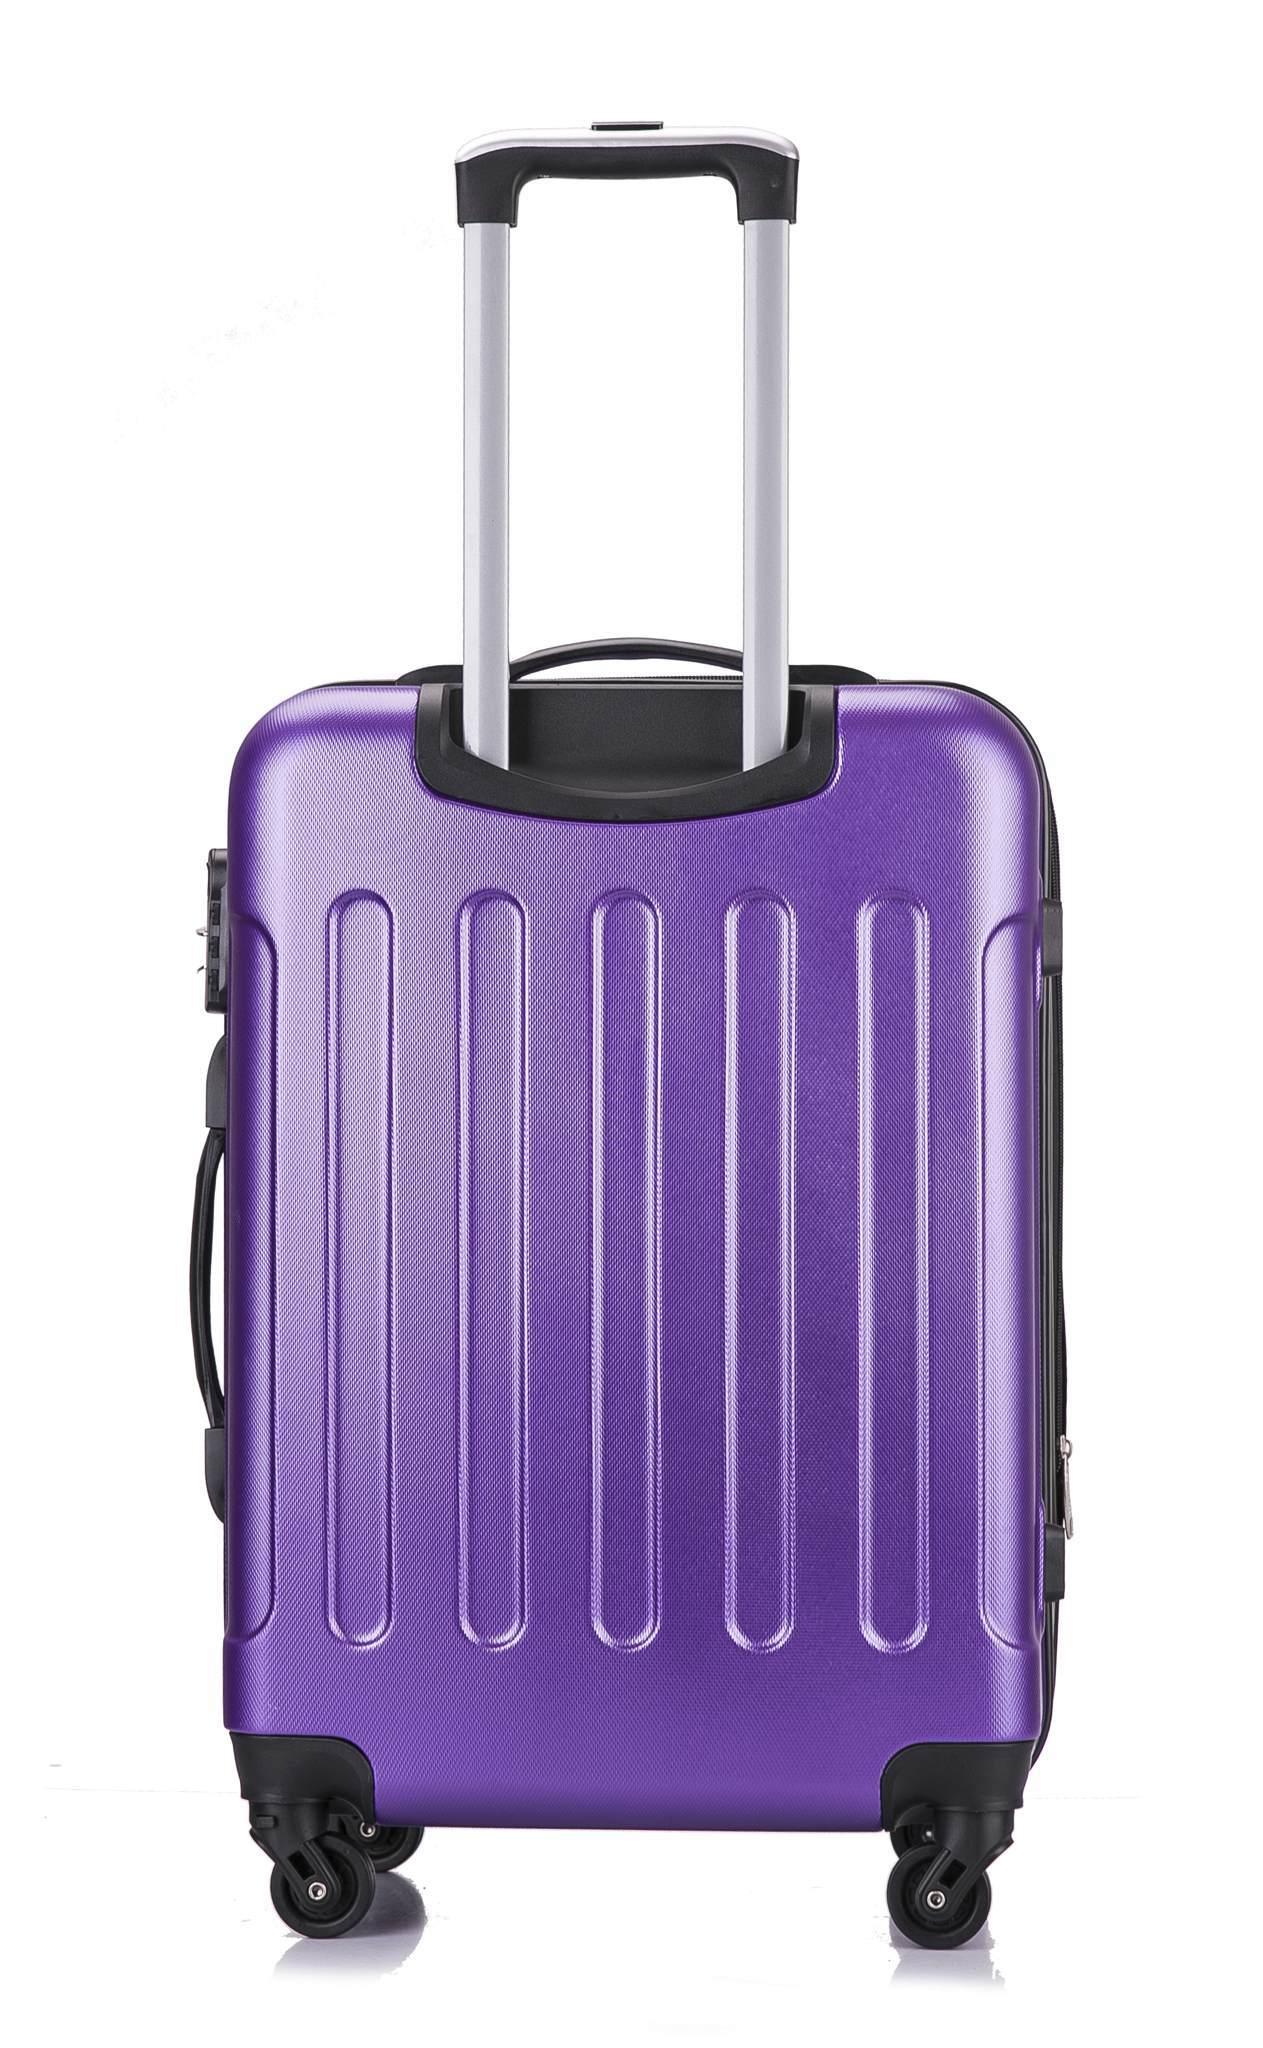 Чемодан с расширением L'case Bangkok-22 Фиолетовый (M)